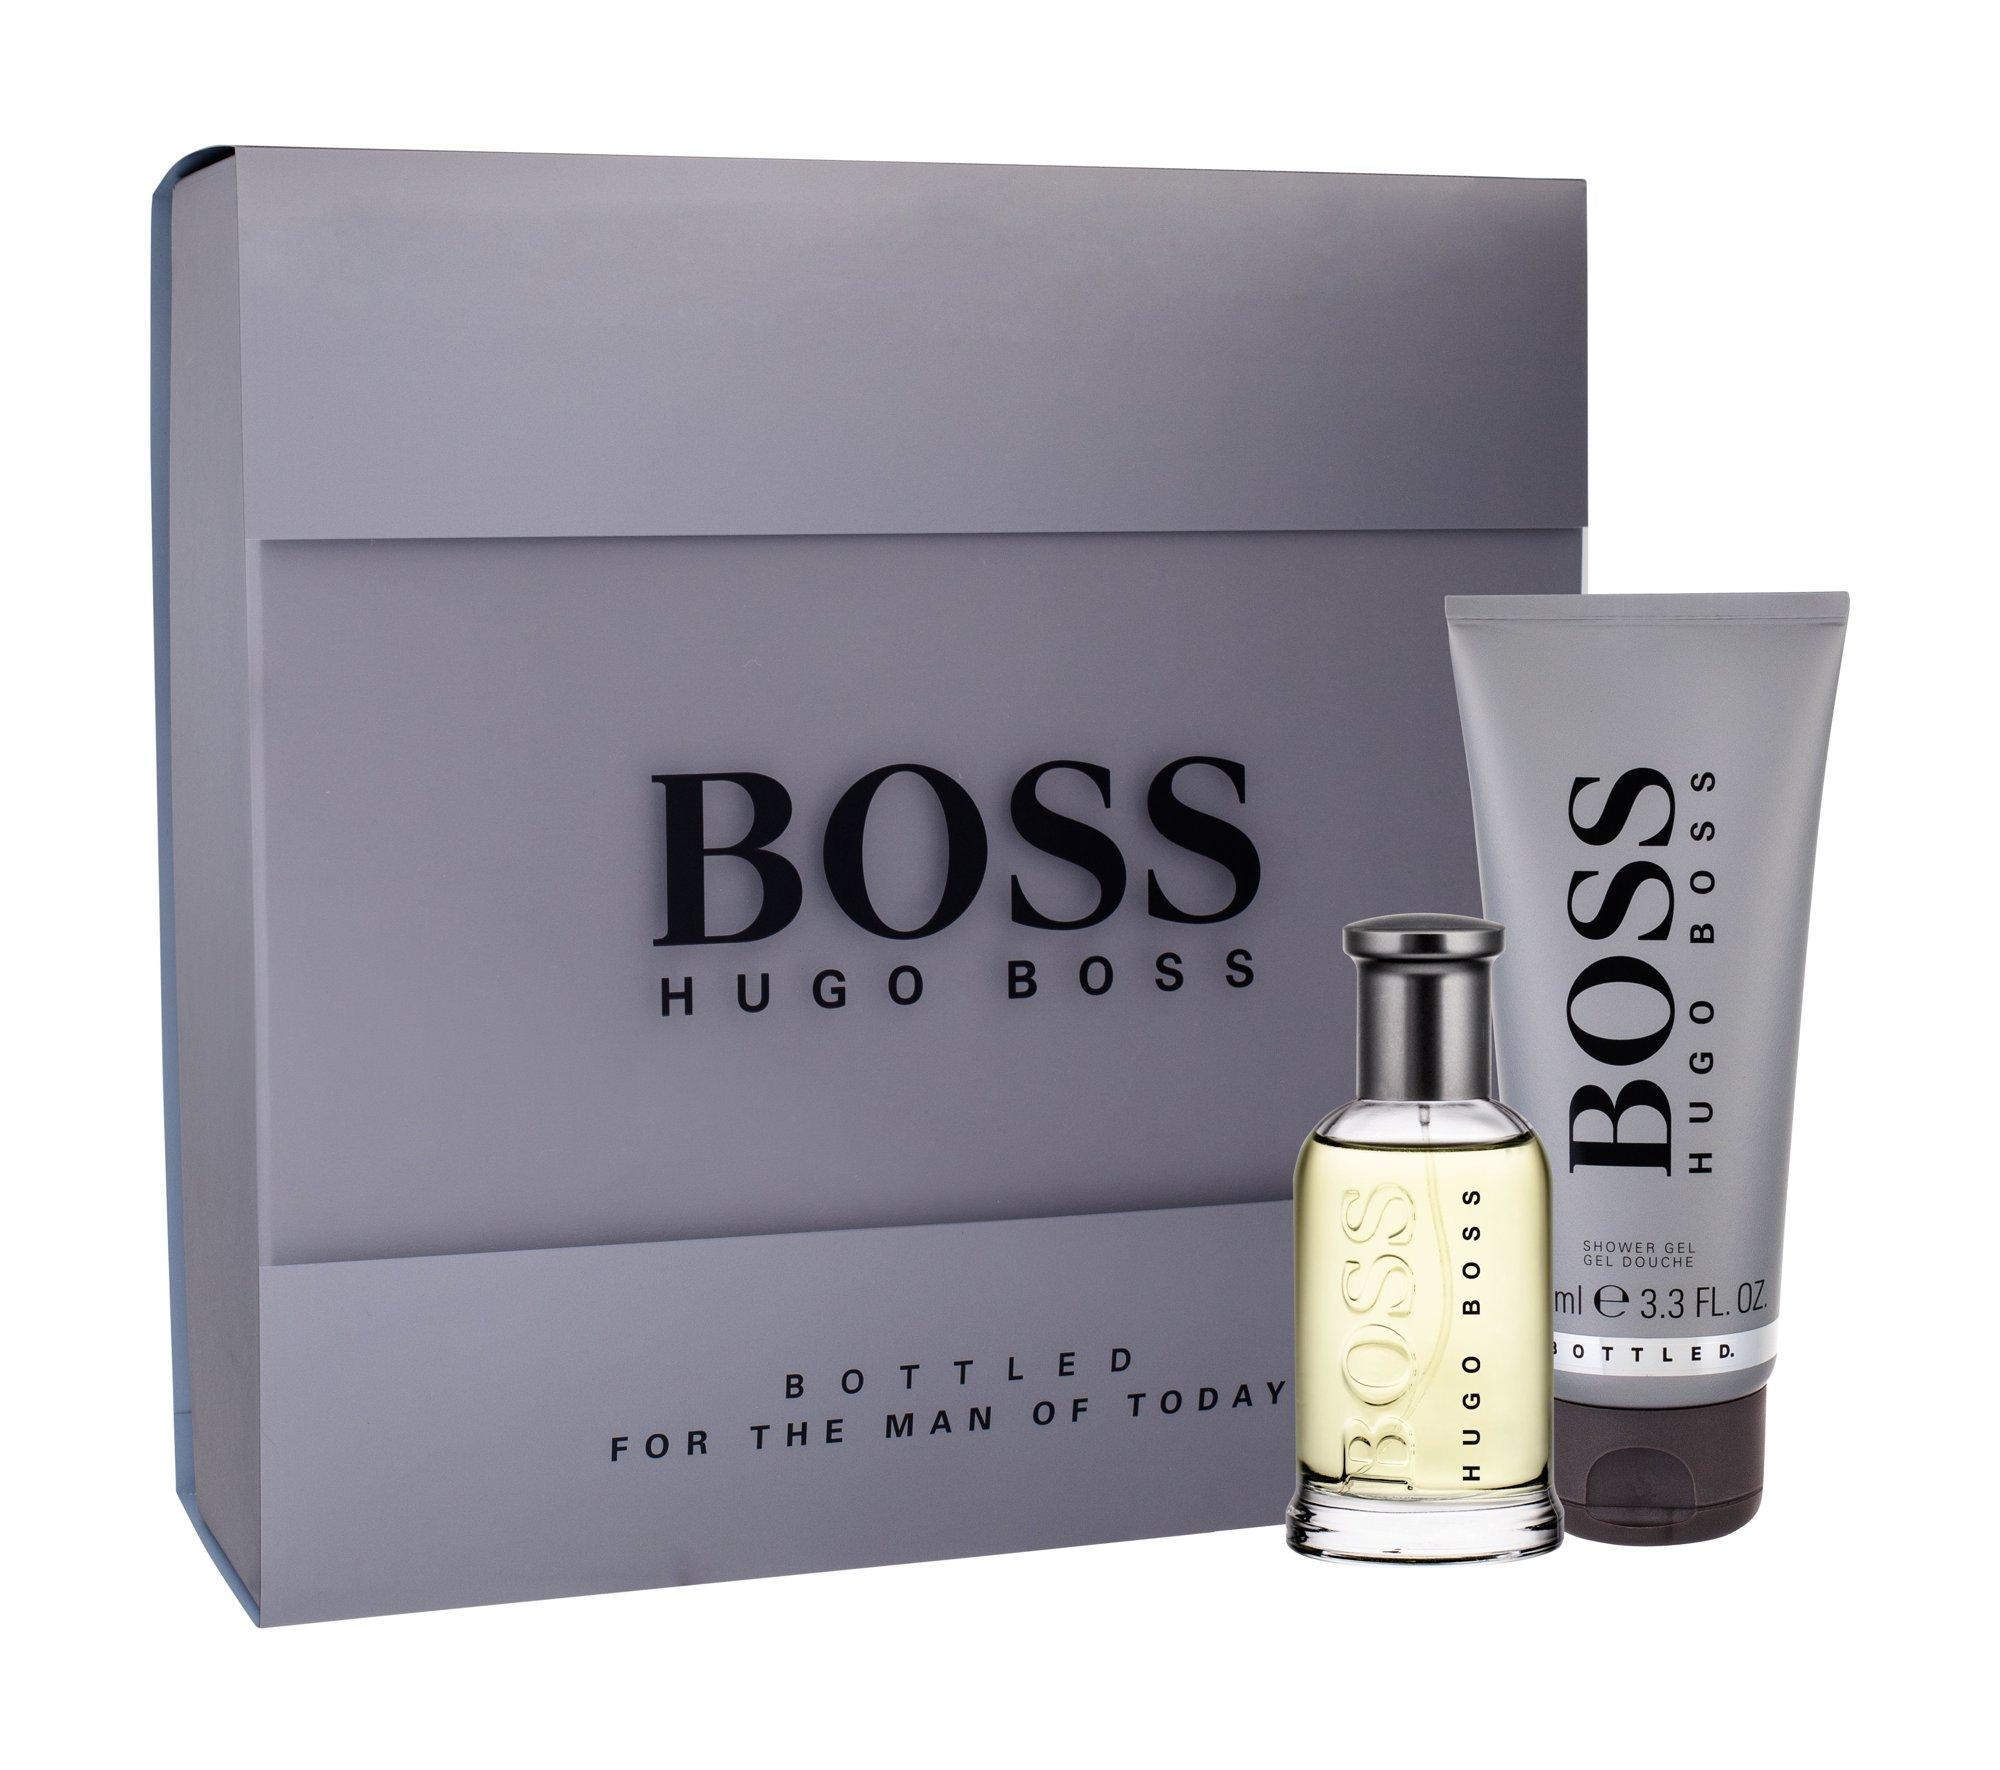 HUGO BOSS Boss Bottled, toaletná voda 50 ml + sprchovací gél 100 ml